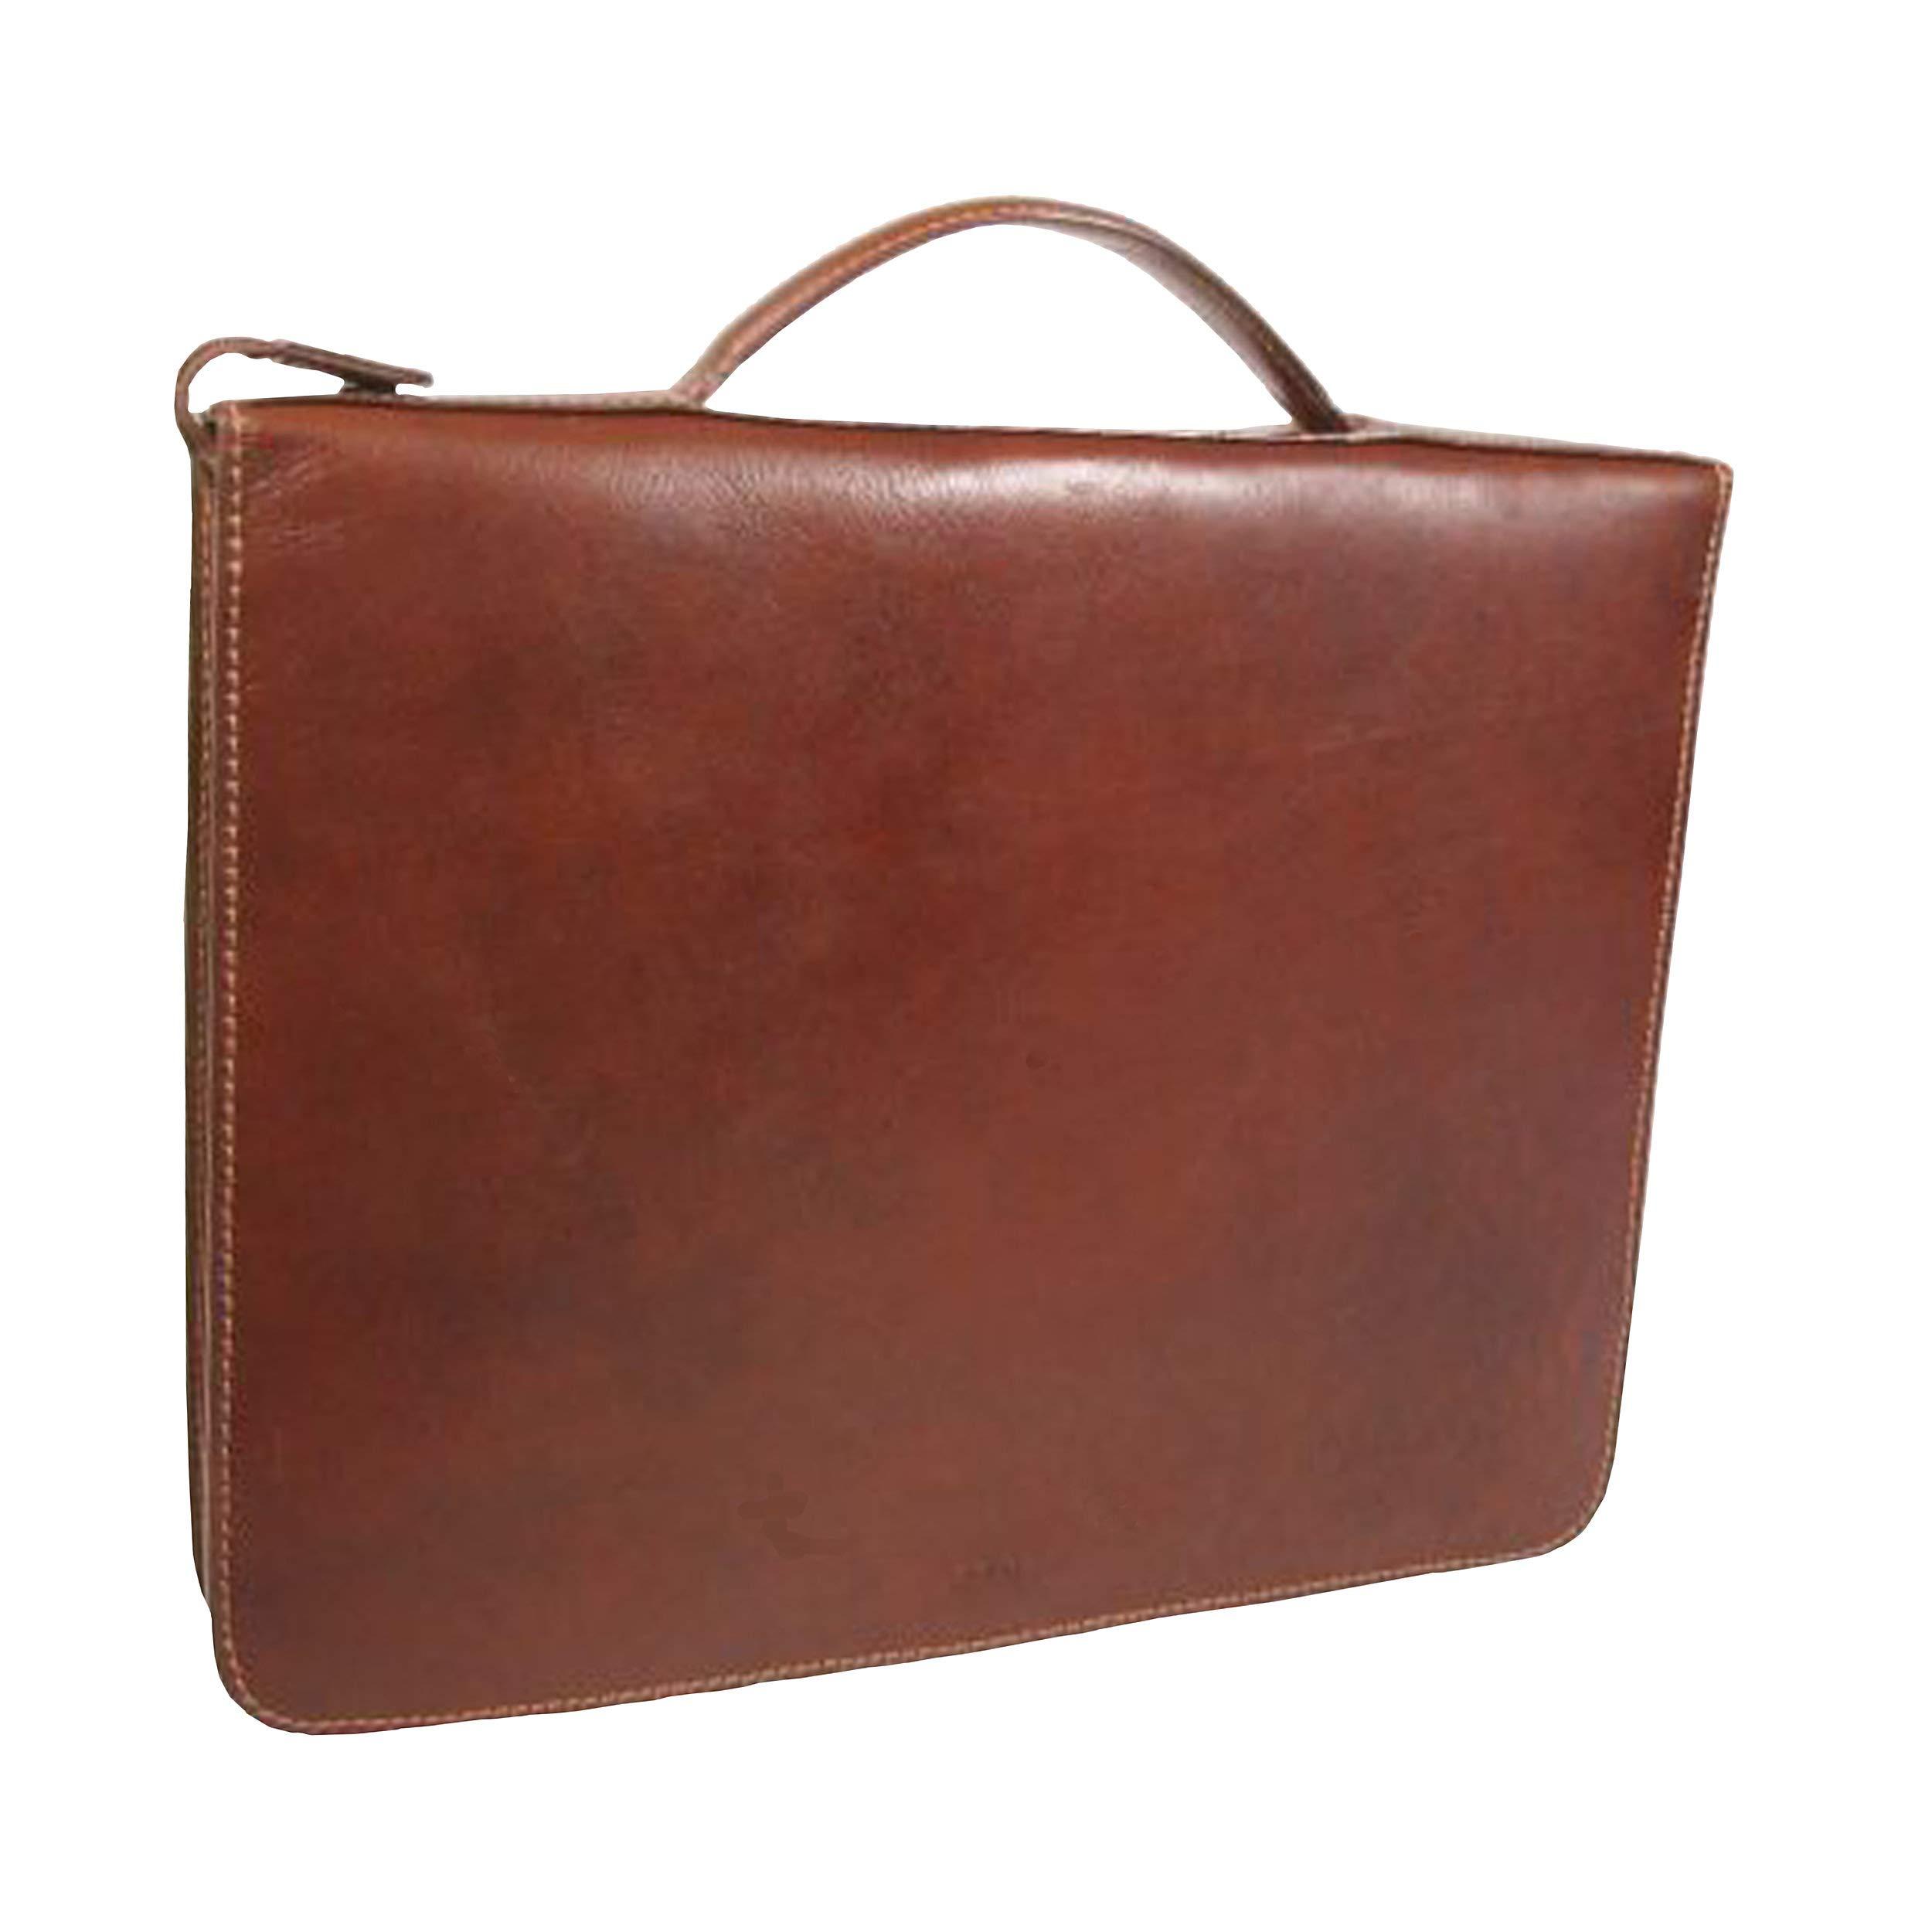 Picard Handtaschen Taschen 8539 kastanie Braun LijY4